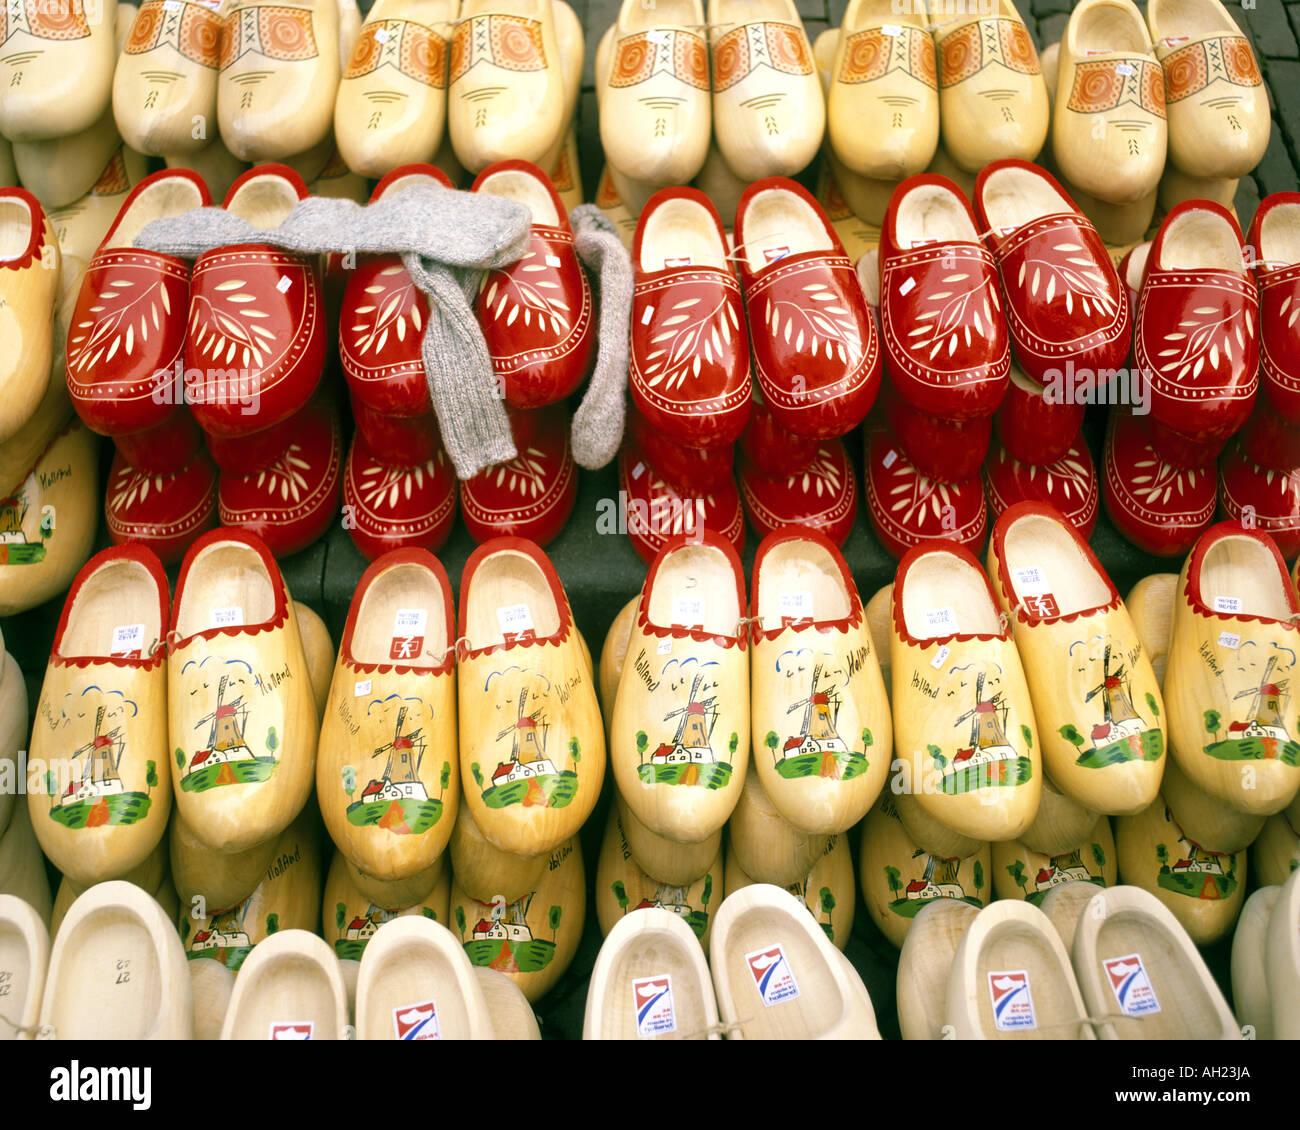 NL - Pays-Bas: sabots traditionnels sur l'affichageBanque D'Images